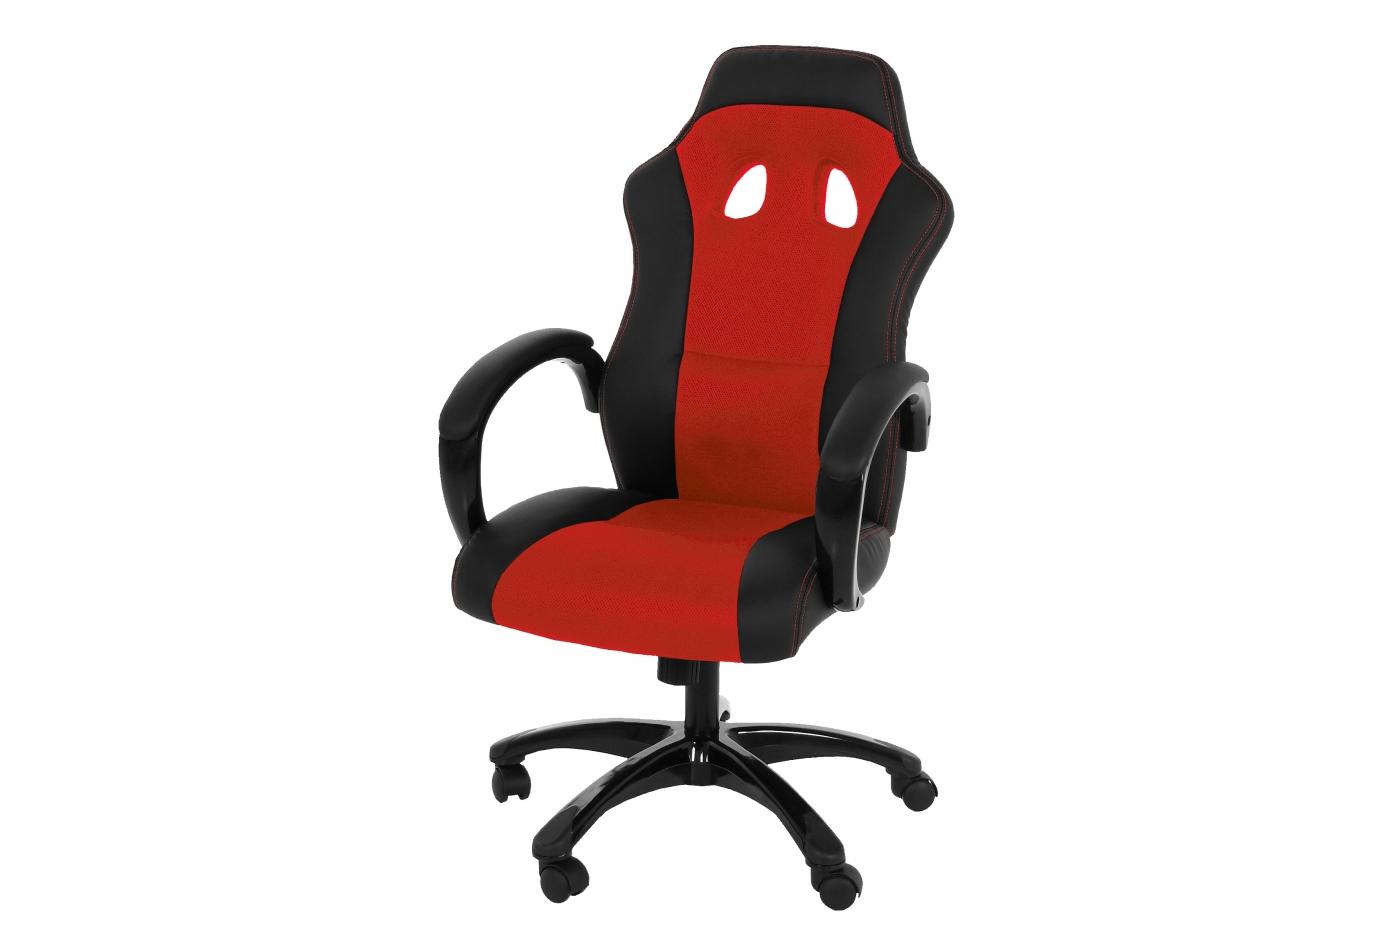 Kancelářská židle Otterly, černá / červená